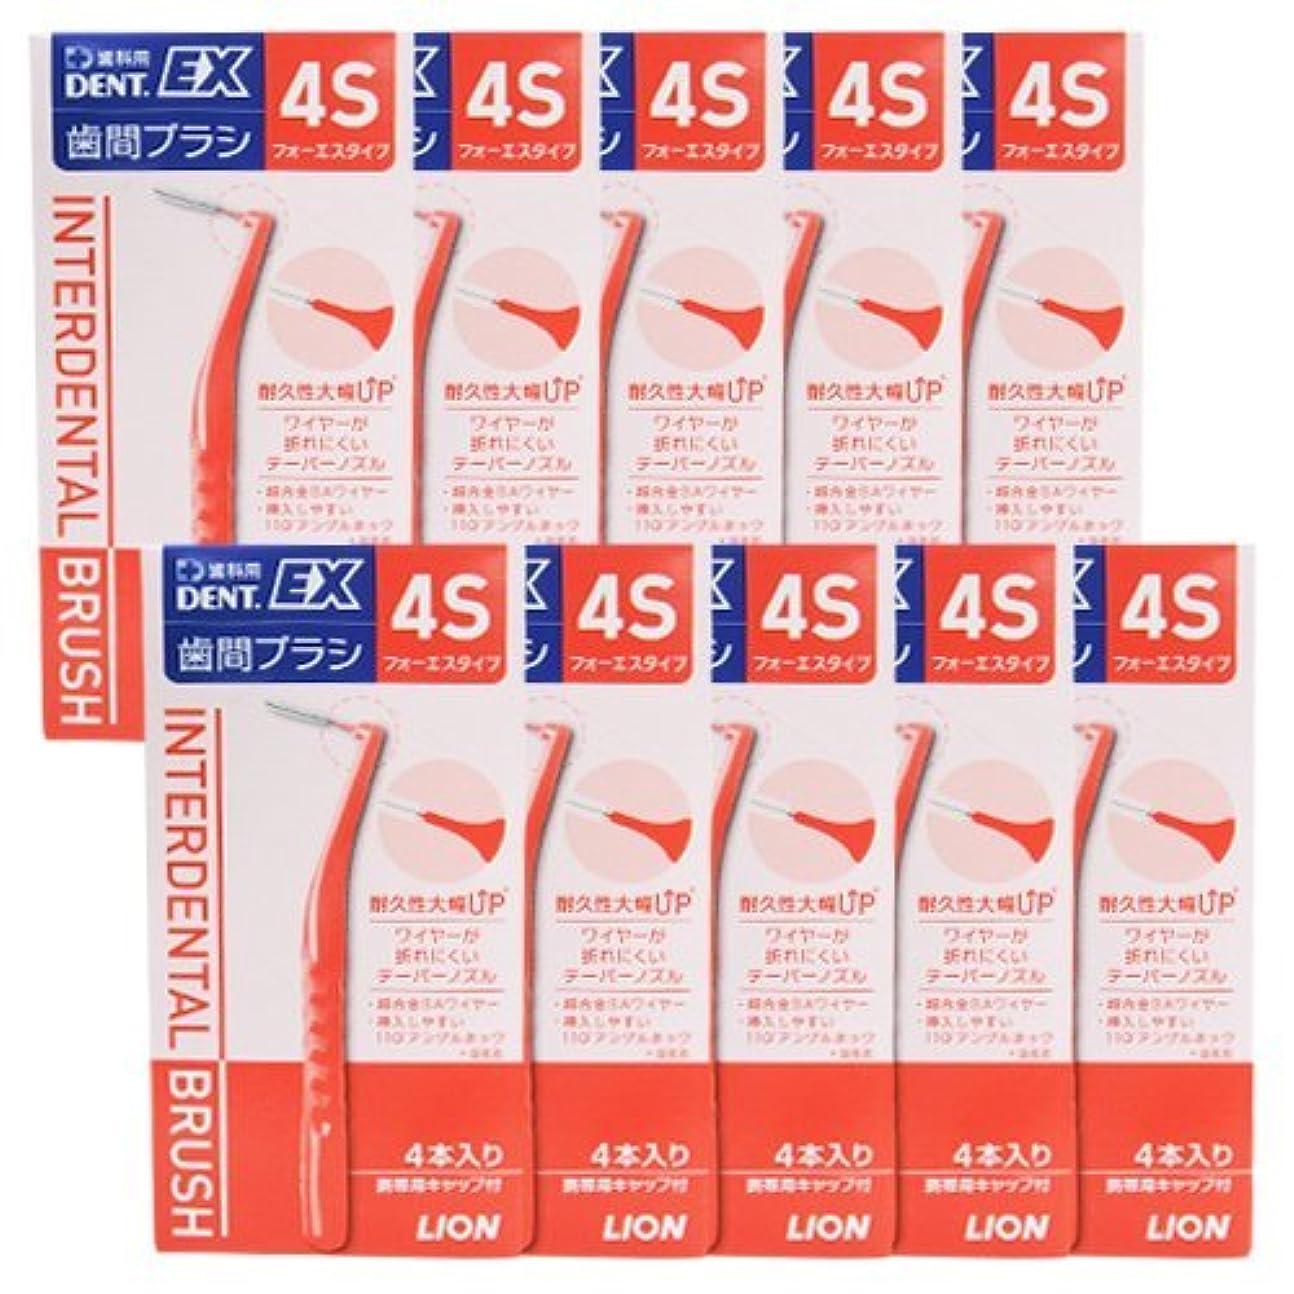 ライオン DENT.EX 歯間ブラシ 4本入×10個(4S(レッド))